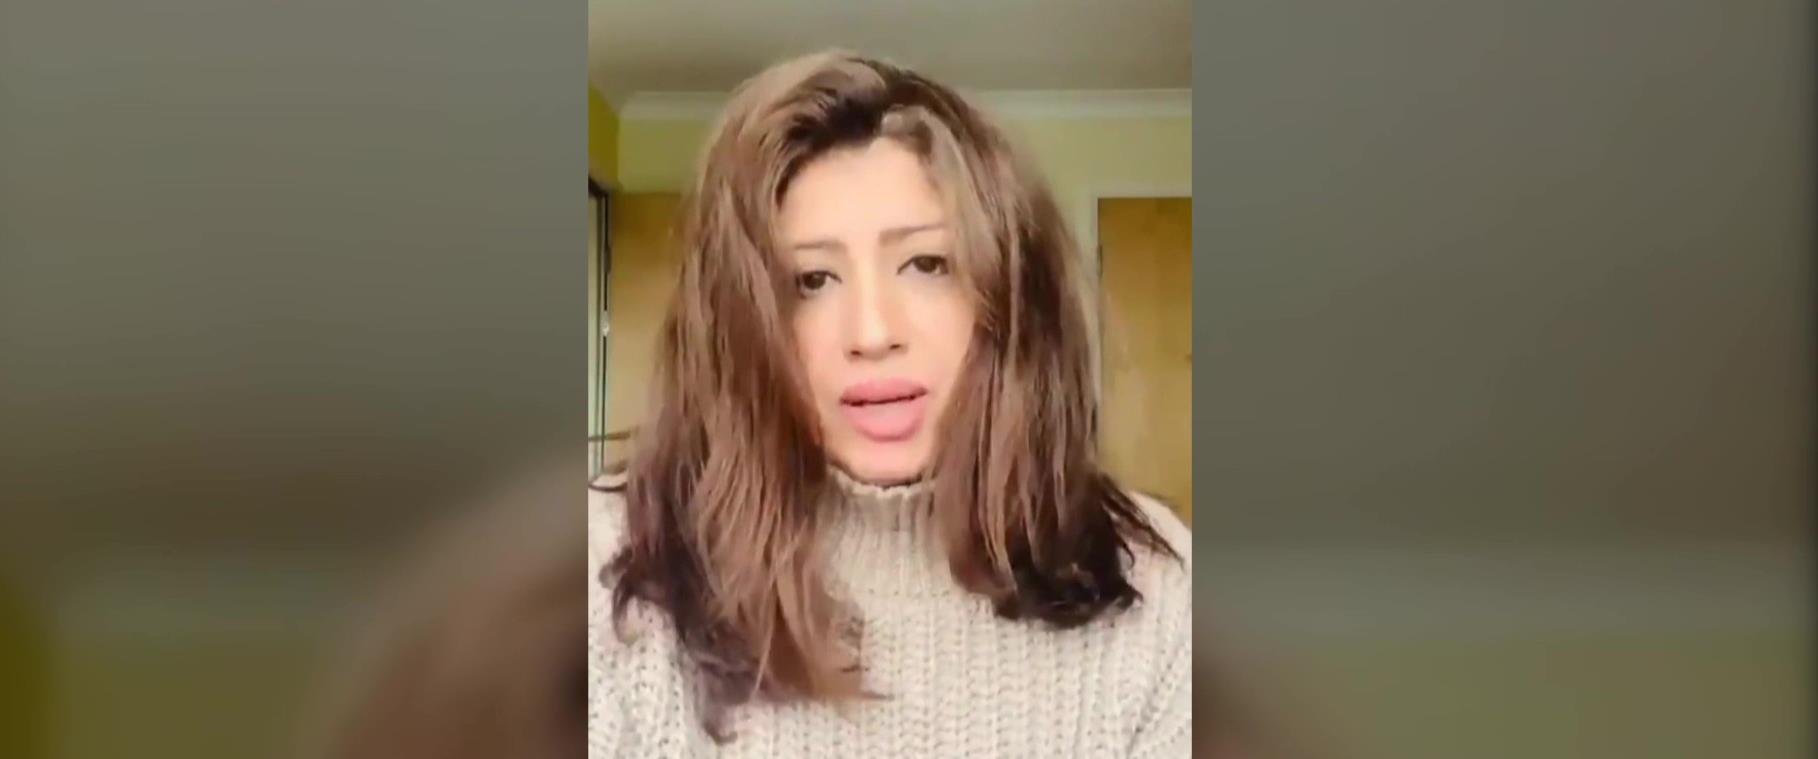 הזמרת הכוויתית בסמה